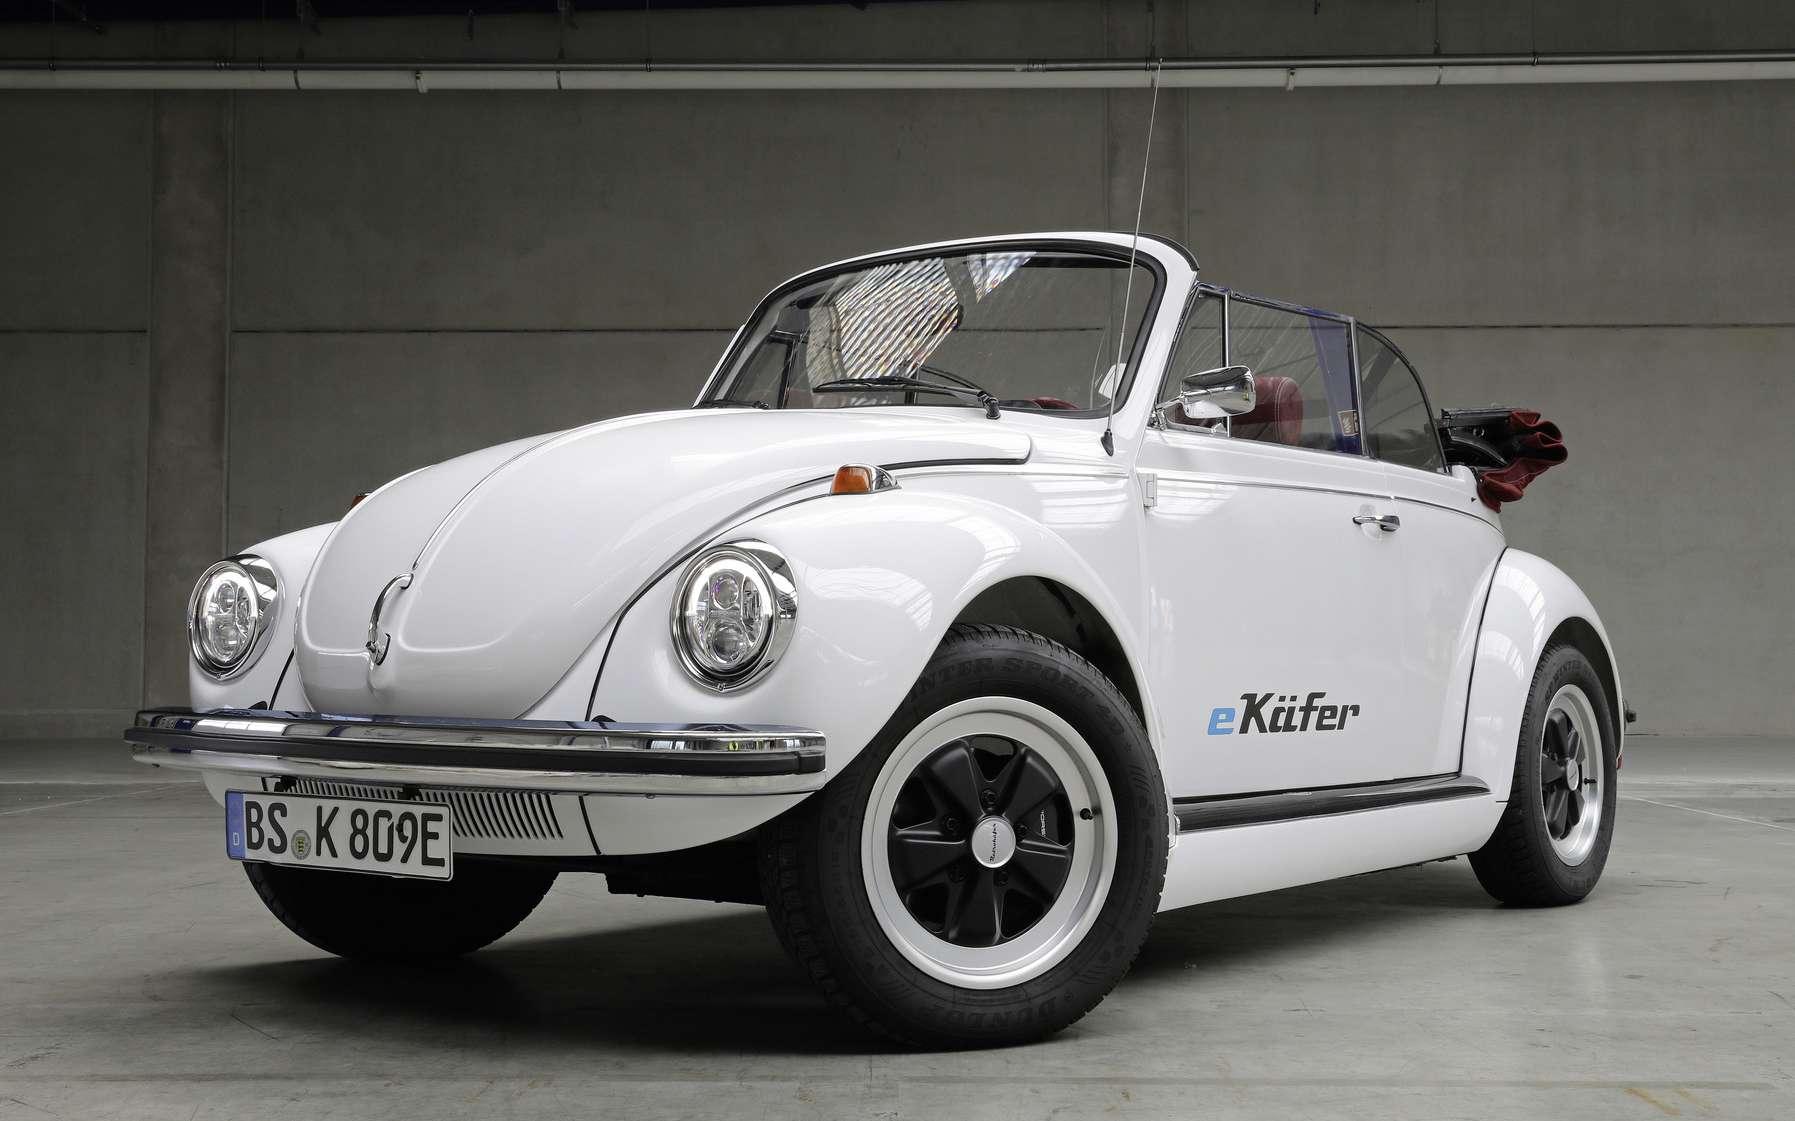 Le prototype de VW Coccinelle convertie à l'électrique sera exposé au salon auto de Francfort. © Volkswagen